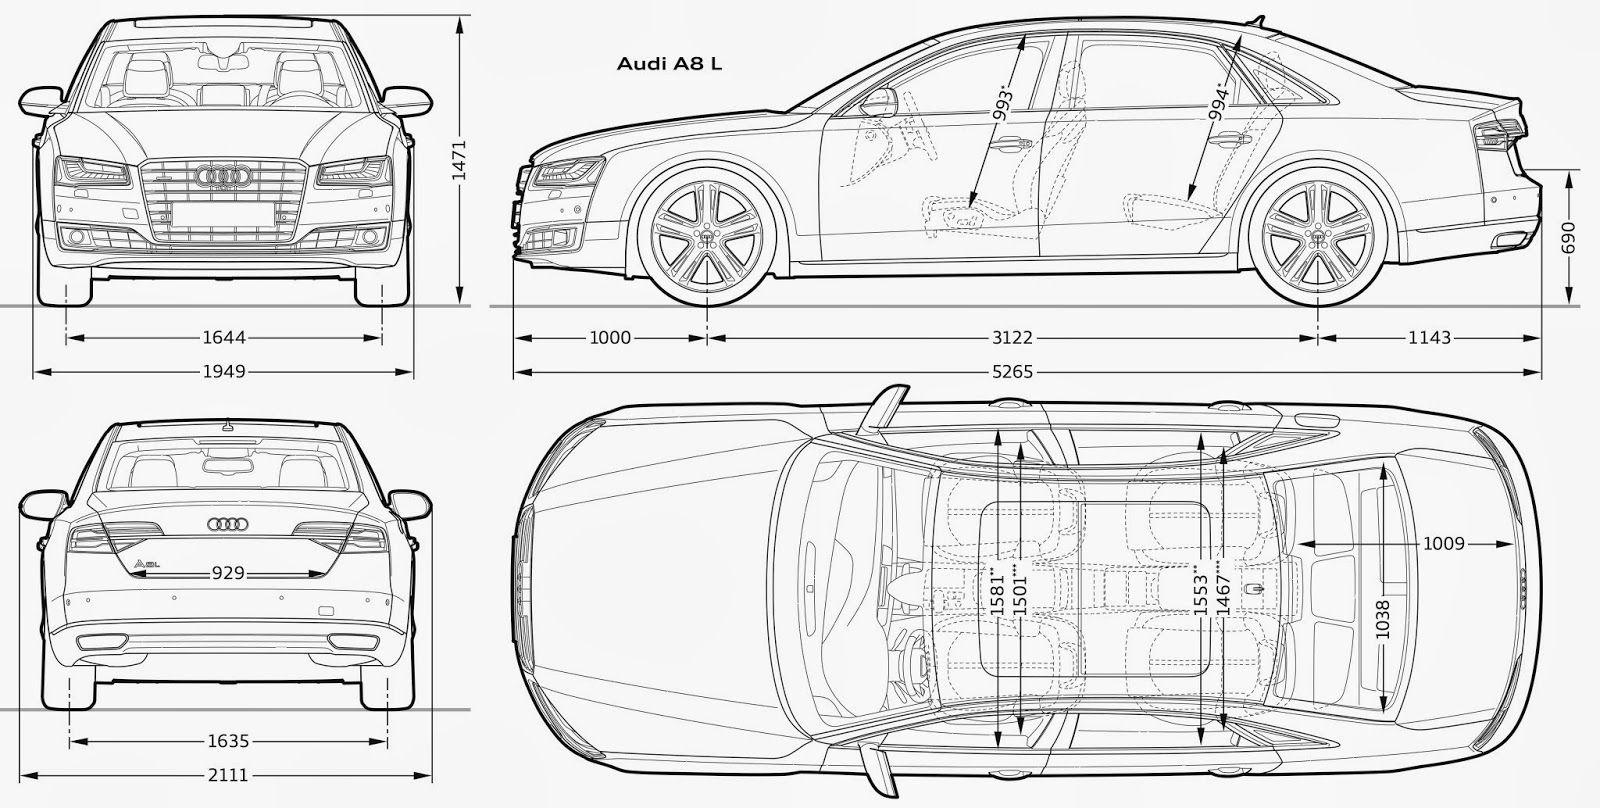 Automotive Design Blueprints,Design.Home Plans Ideas Picture